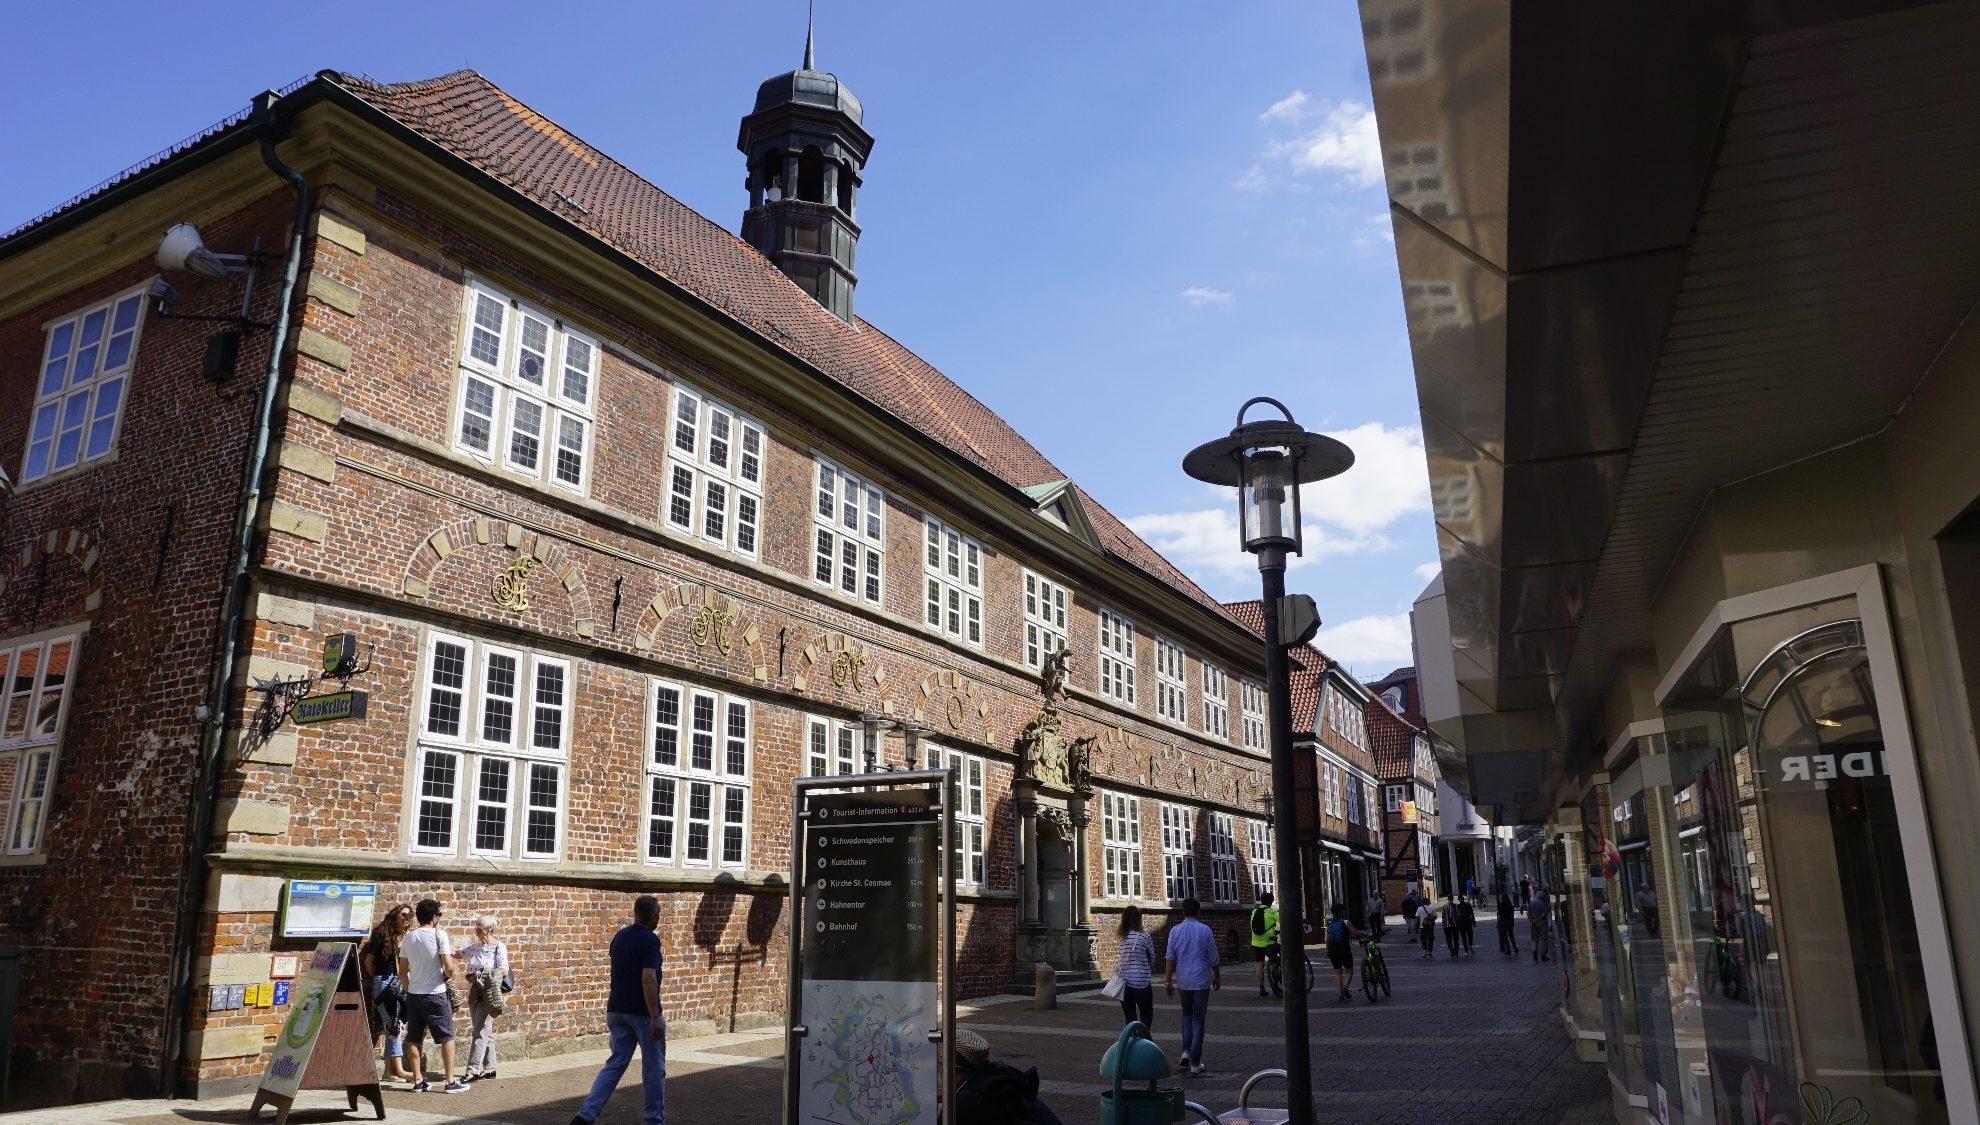 Historisches Rathaus Stade, Eingang Hökerstraße Stade